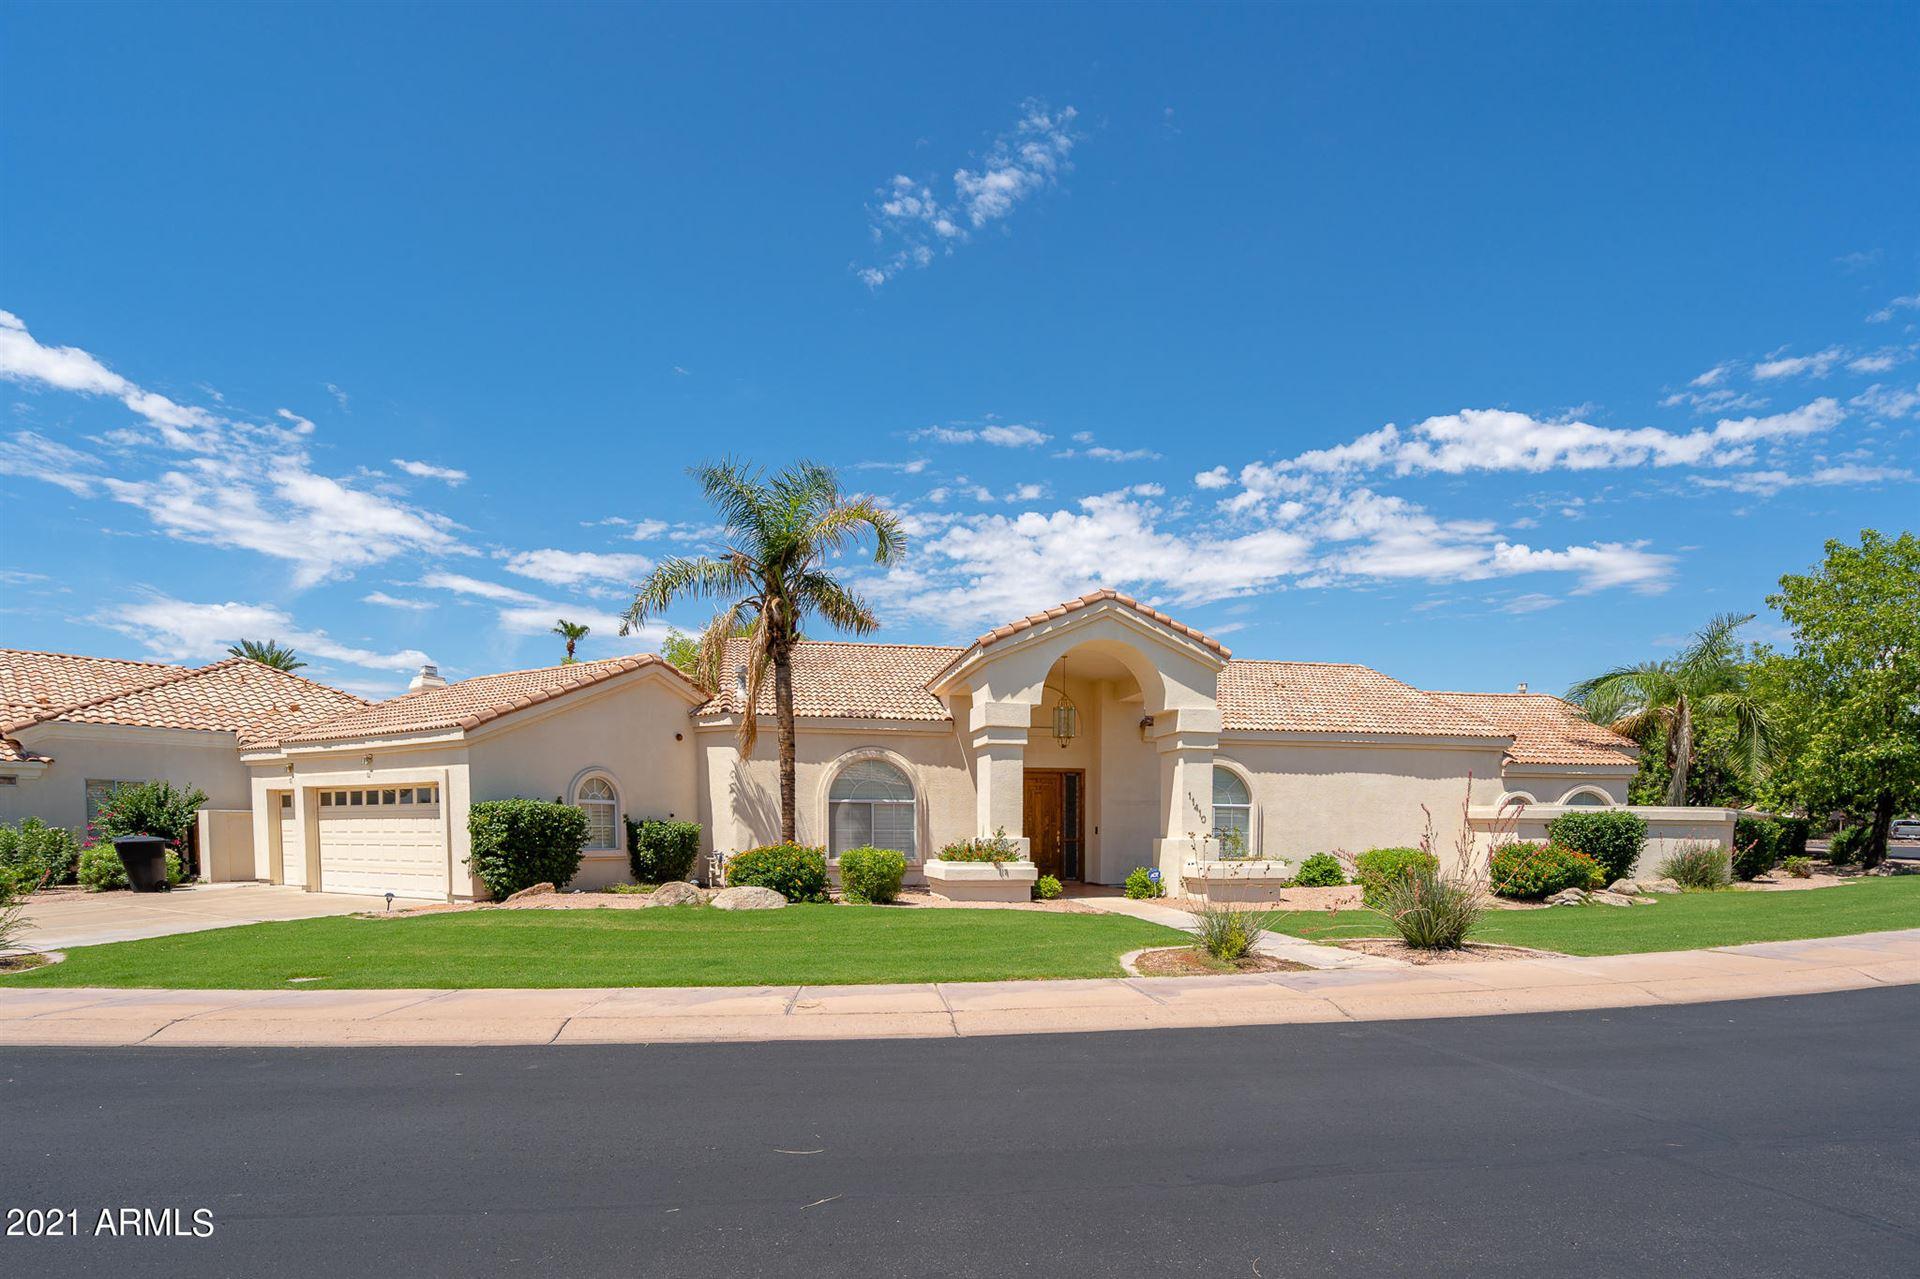 Photo of 11410 E TERRA Drive, Scottsdale, AZ 85259 (MLS # 6272589)